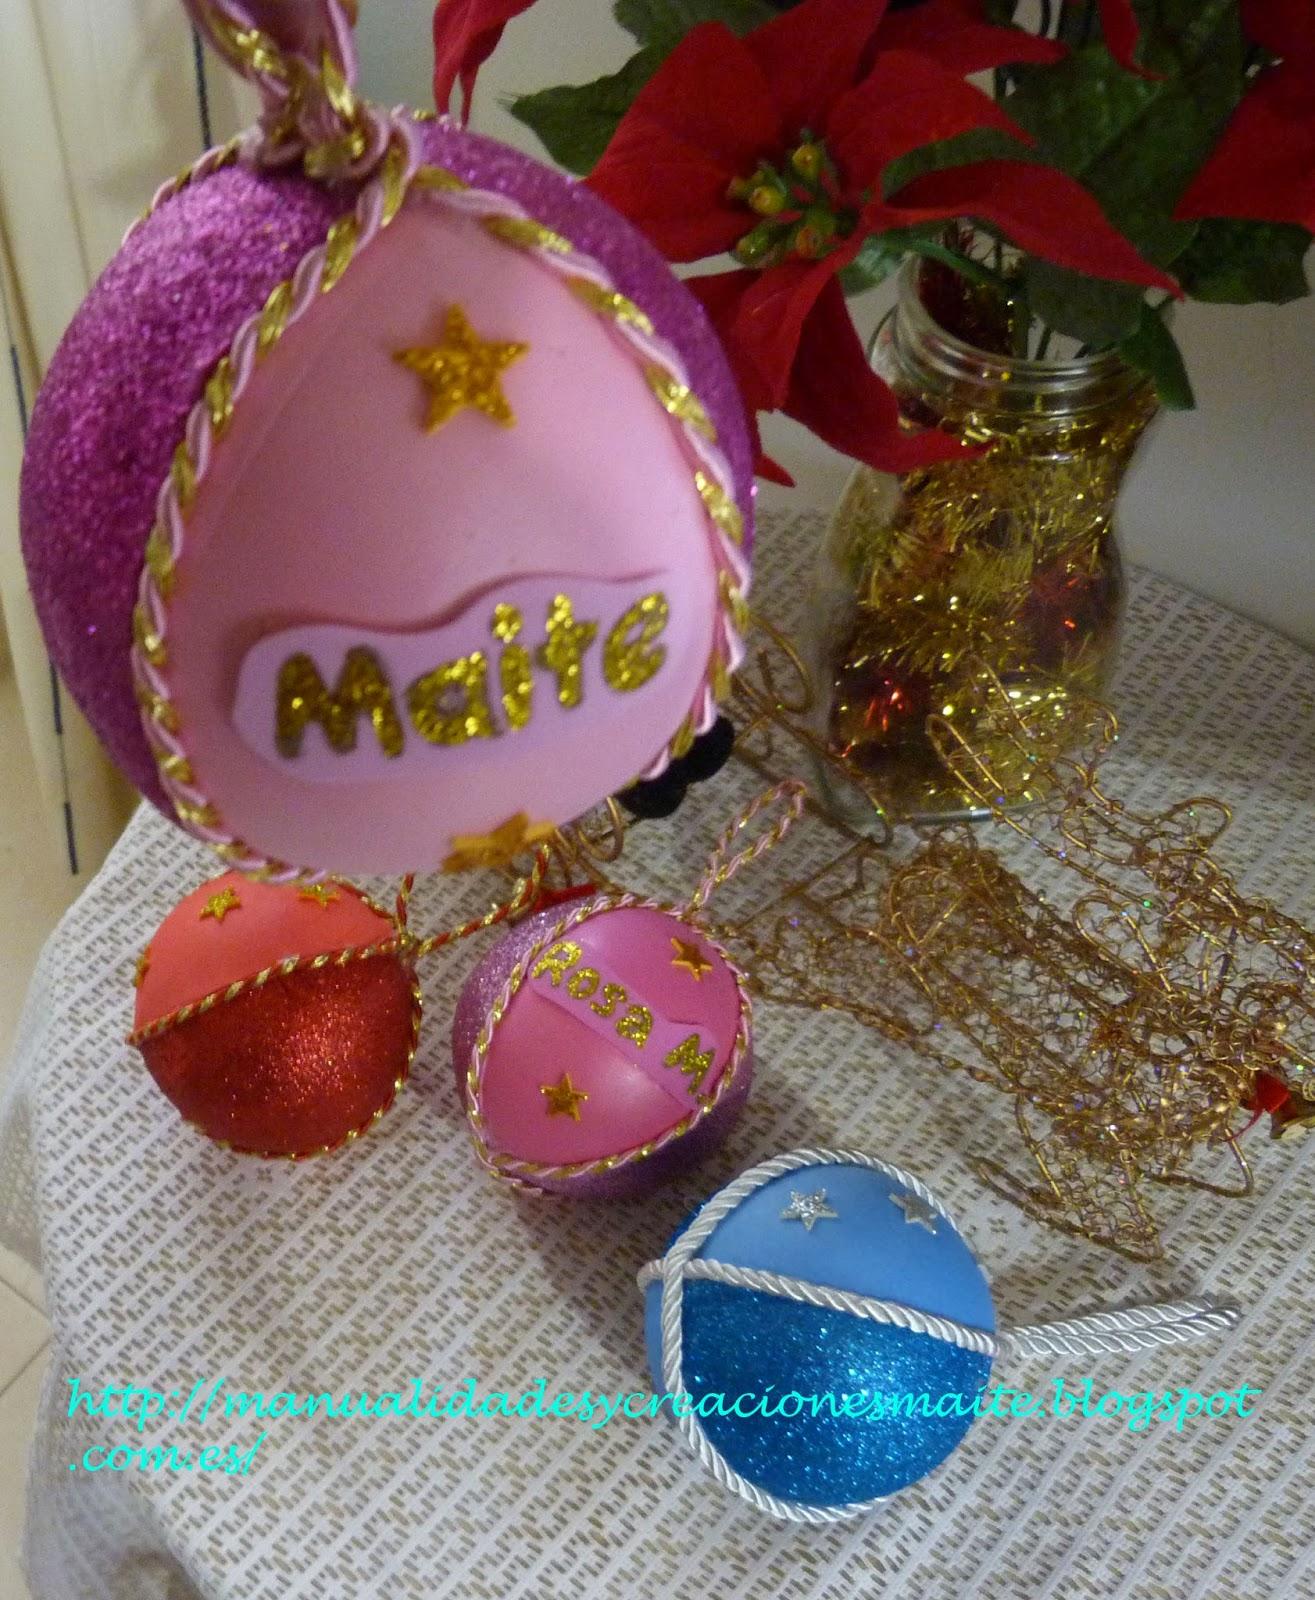 Fofuchas manualidades y creaciones maite bolas navidad - Manualidades con bolas de navidad ...